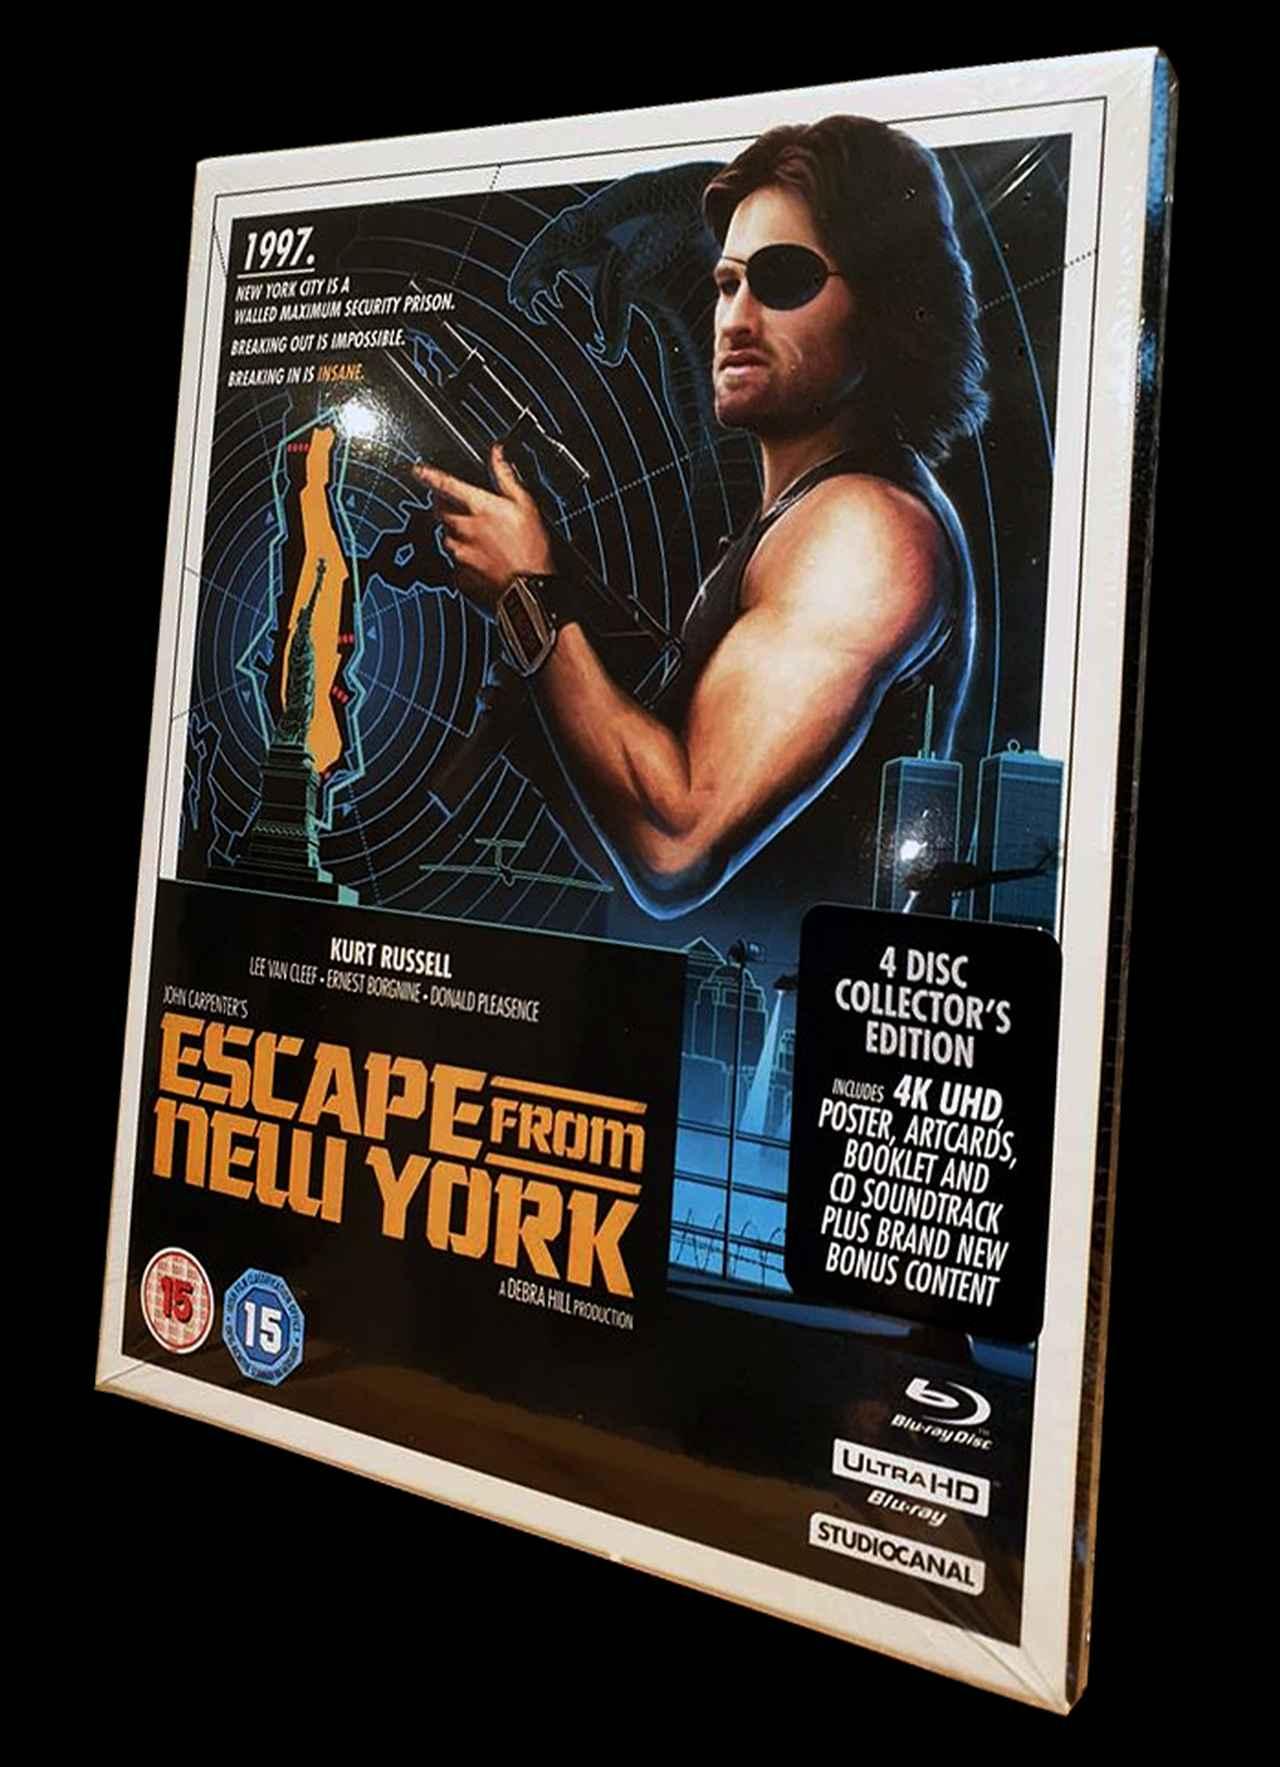 画像: 4K UHD BLU-RAY レビュー『ニューヨーク1997』ジョン・カーペンター監督 【世界4K-Hakken伝】